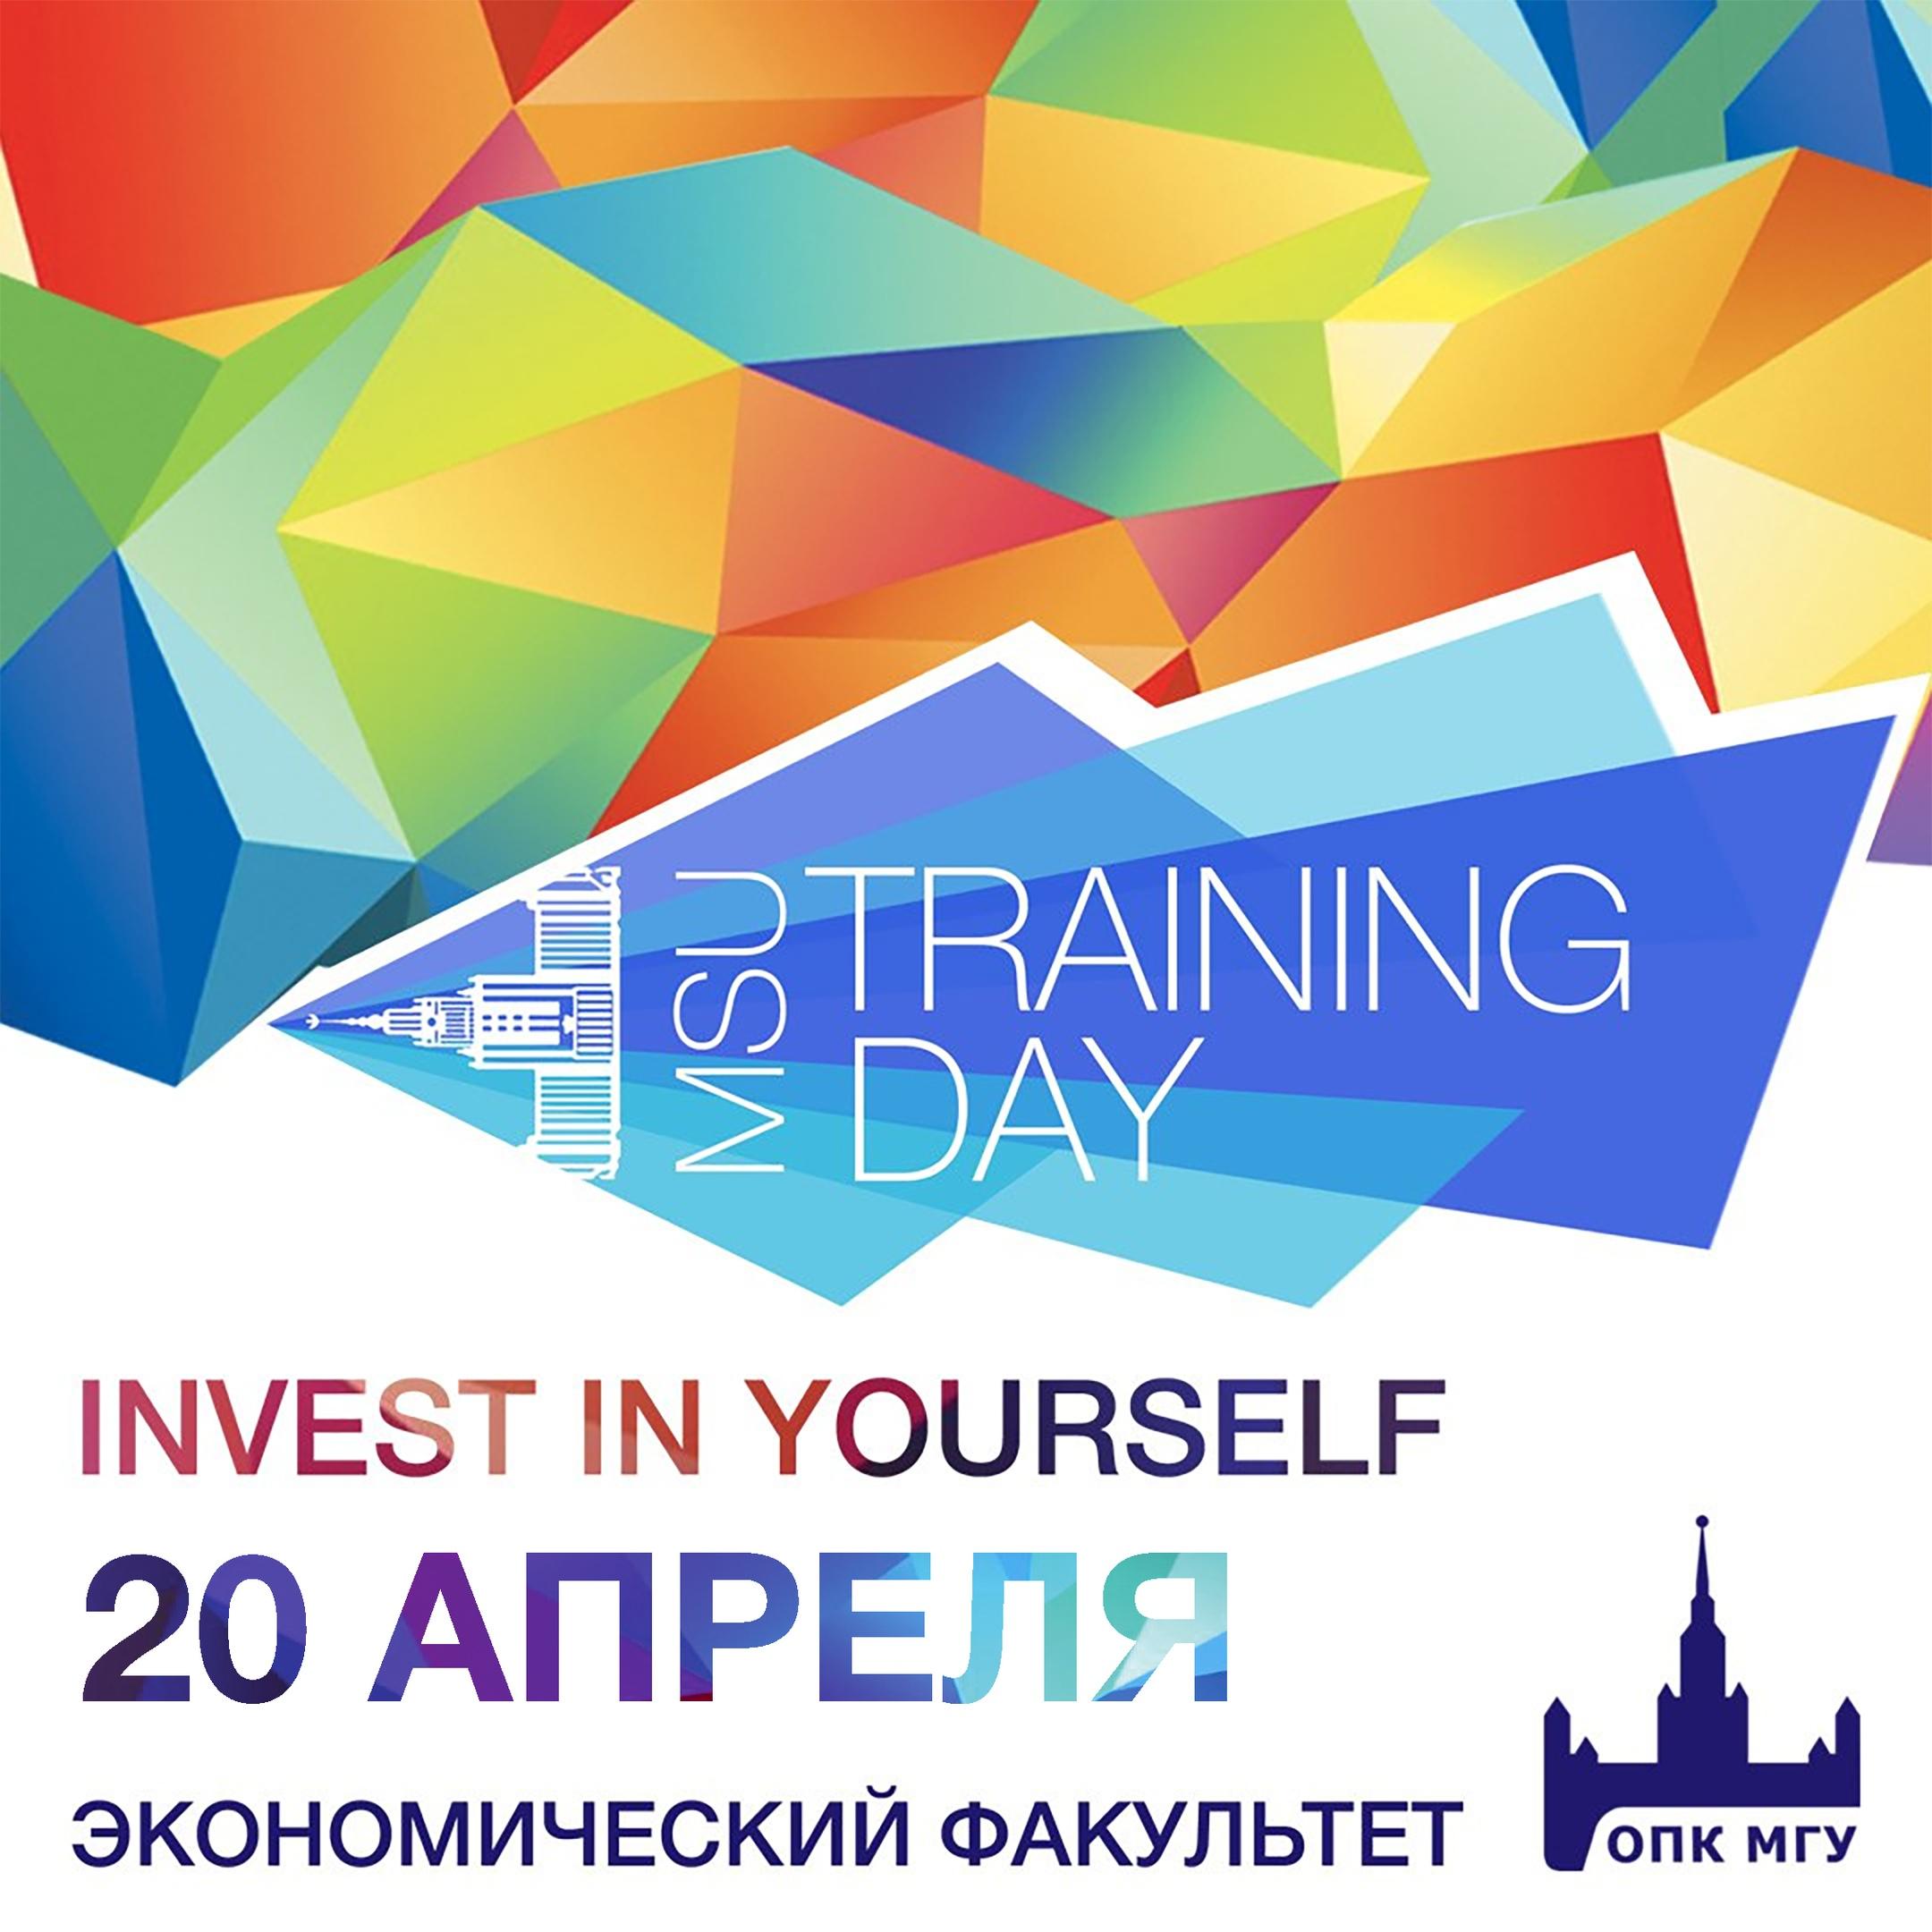 День тренингов МГУ 20 апреля 2019г. Экономический факультет